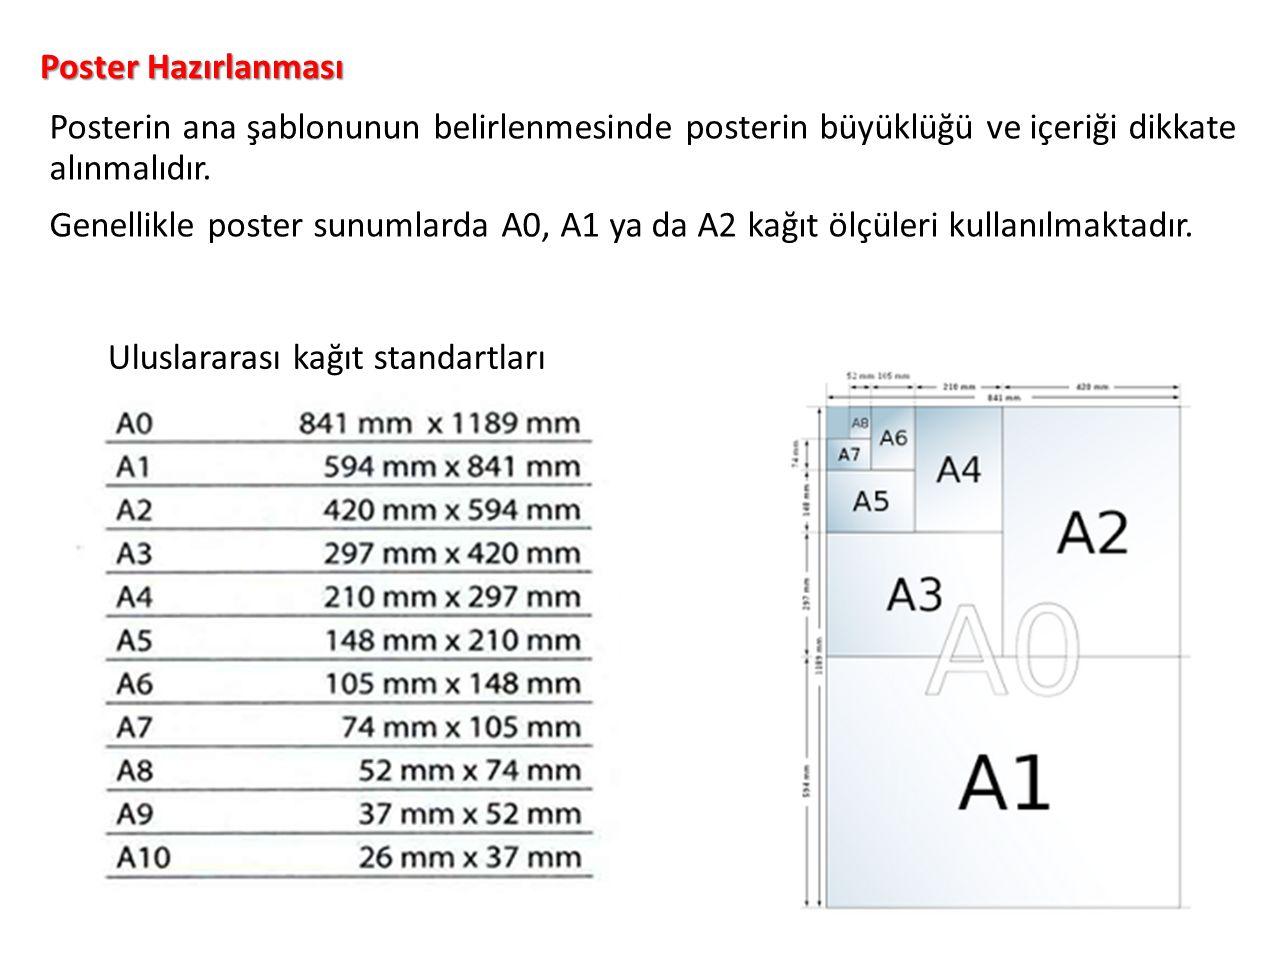 Posterin ana şablonunun belirlenmesinde posterin büyüklüğü ve içeriği dikkate alınmalıdır. Genellikle poster sunumlarda A0, A1 ya da A2 kağıt ölçüleri